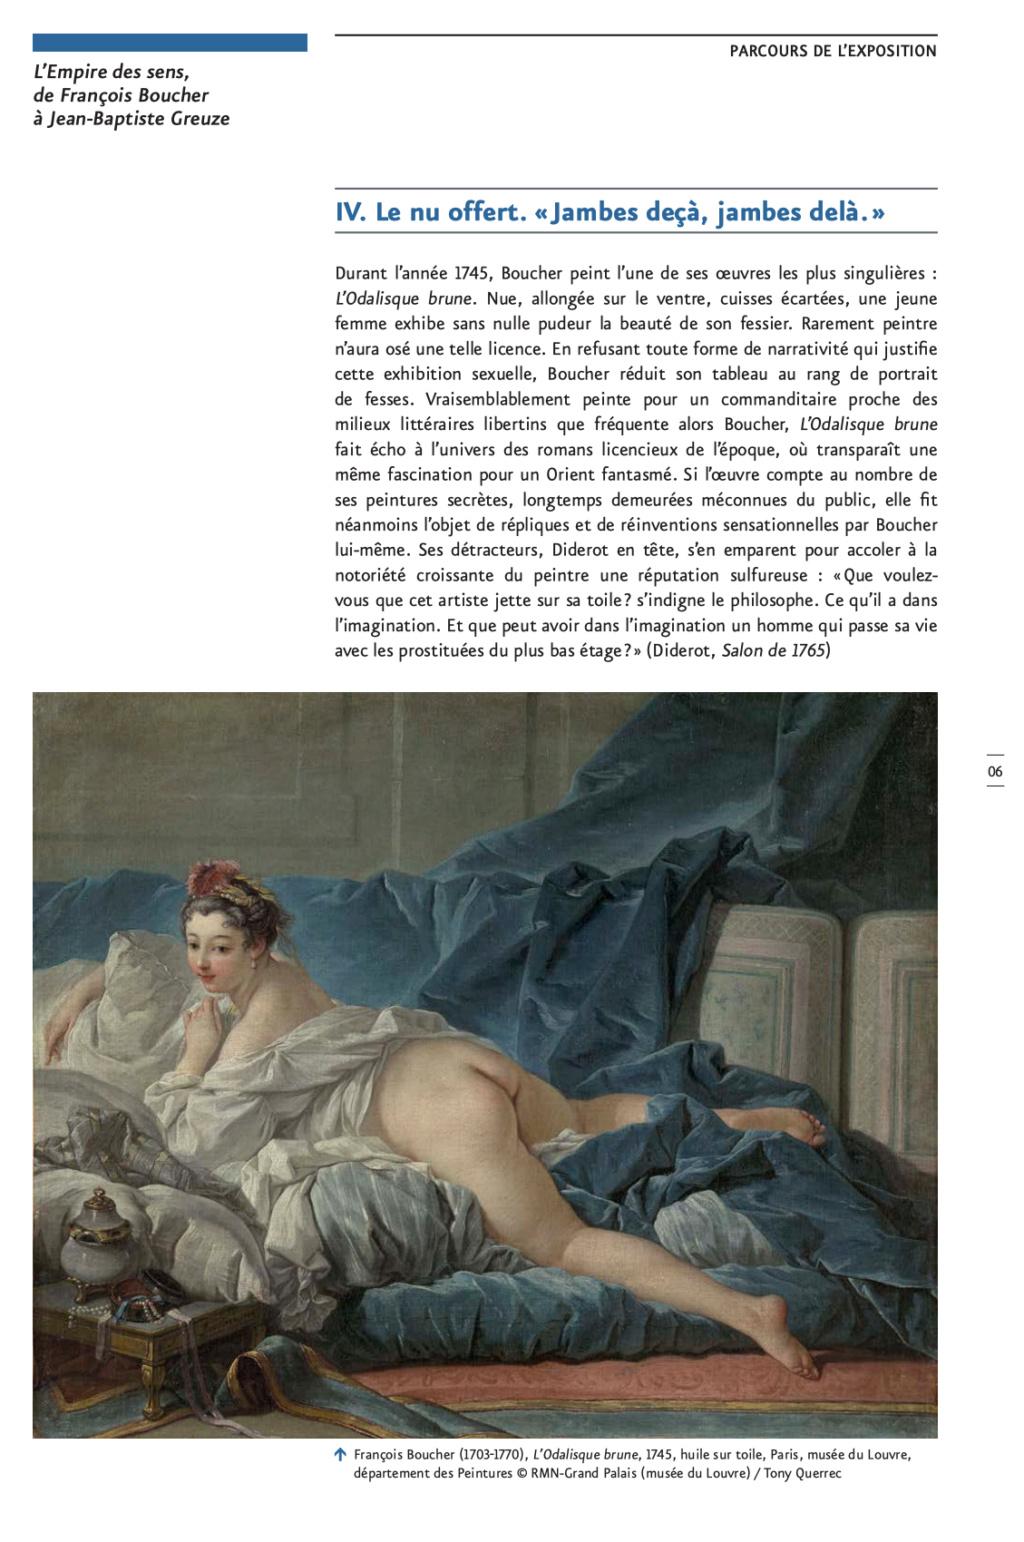 Exposition : L'Empire des sens, de François Boucher à Jean-Baptiste Greuze, au musée Cognacq-Jay Capt2870